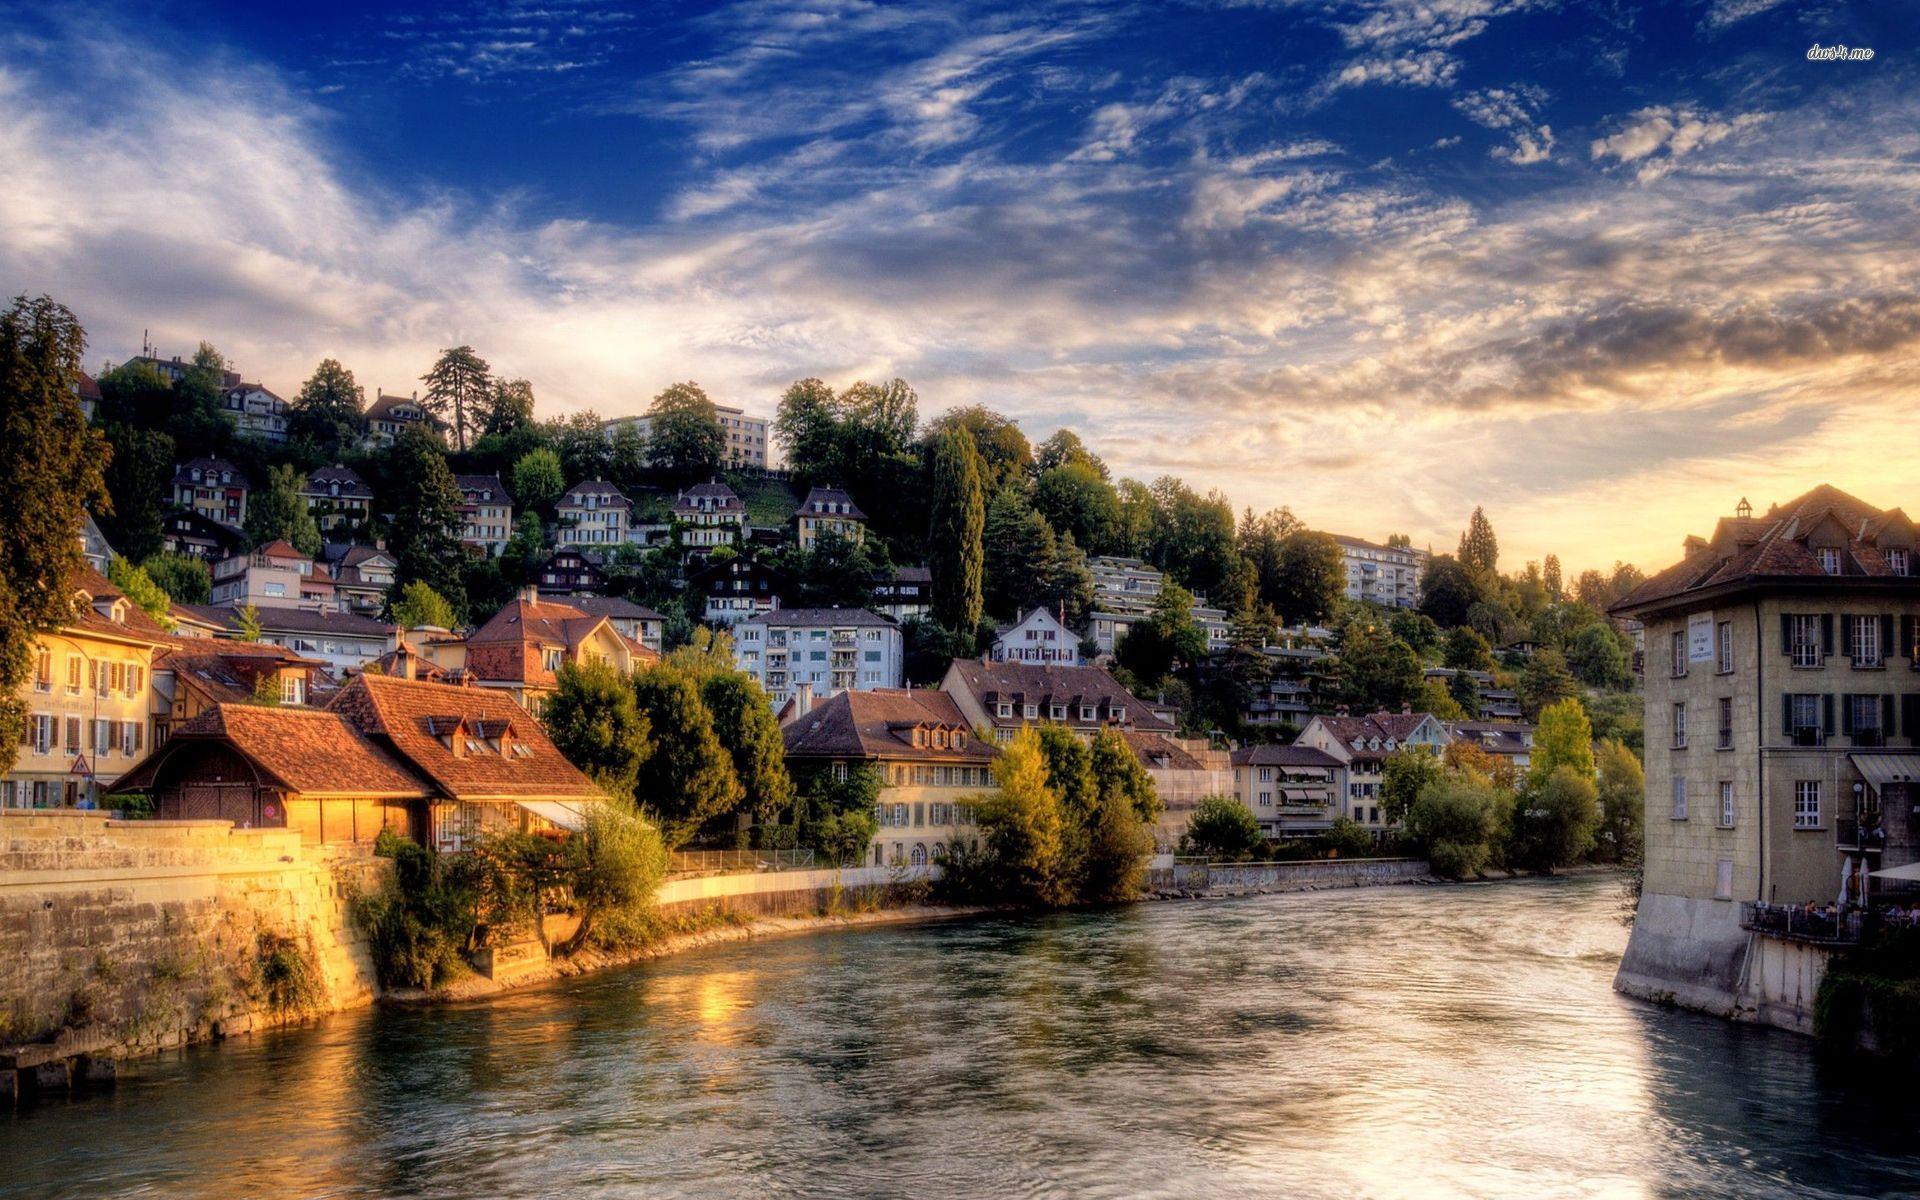 Замок швейцария вечер  № 2569338 загрузить